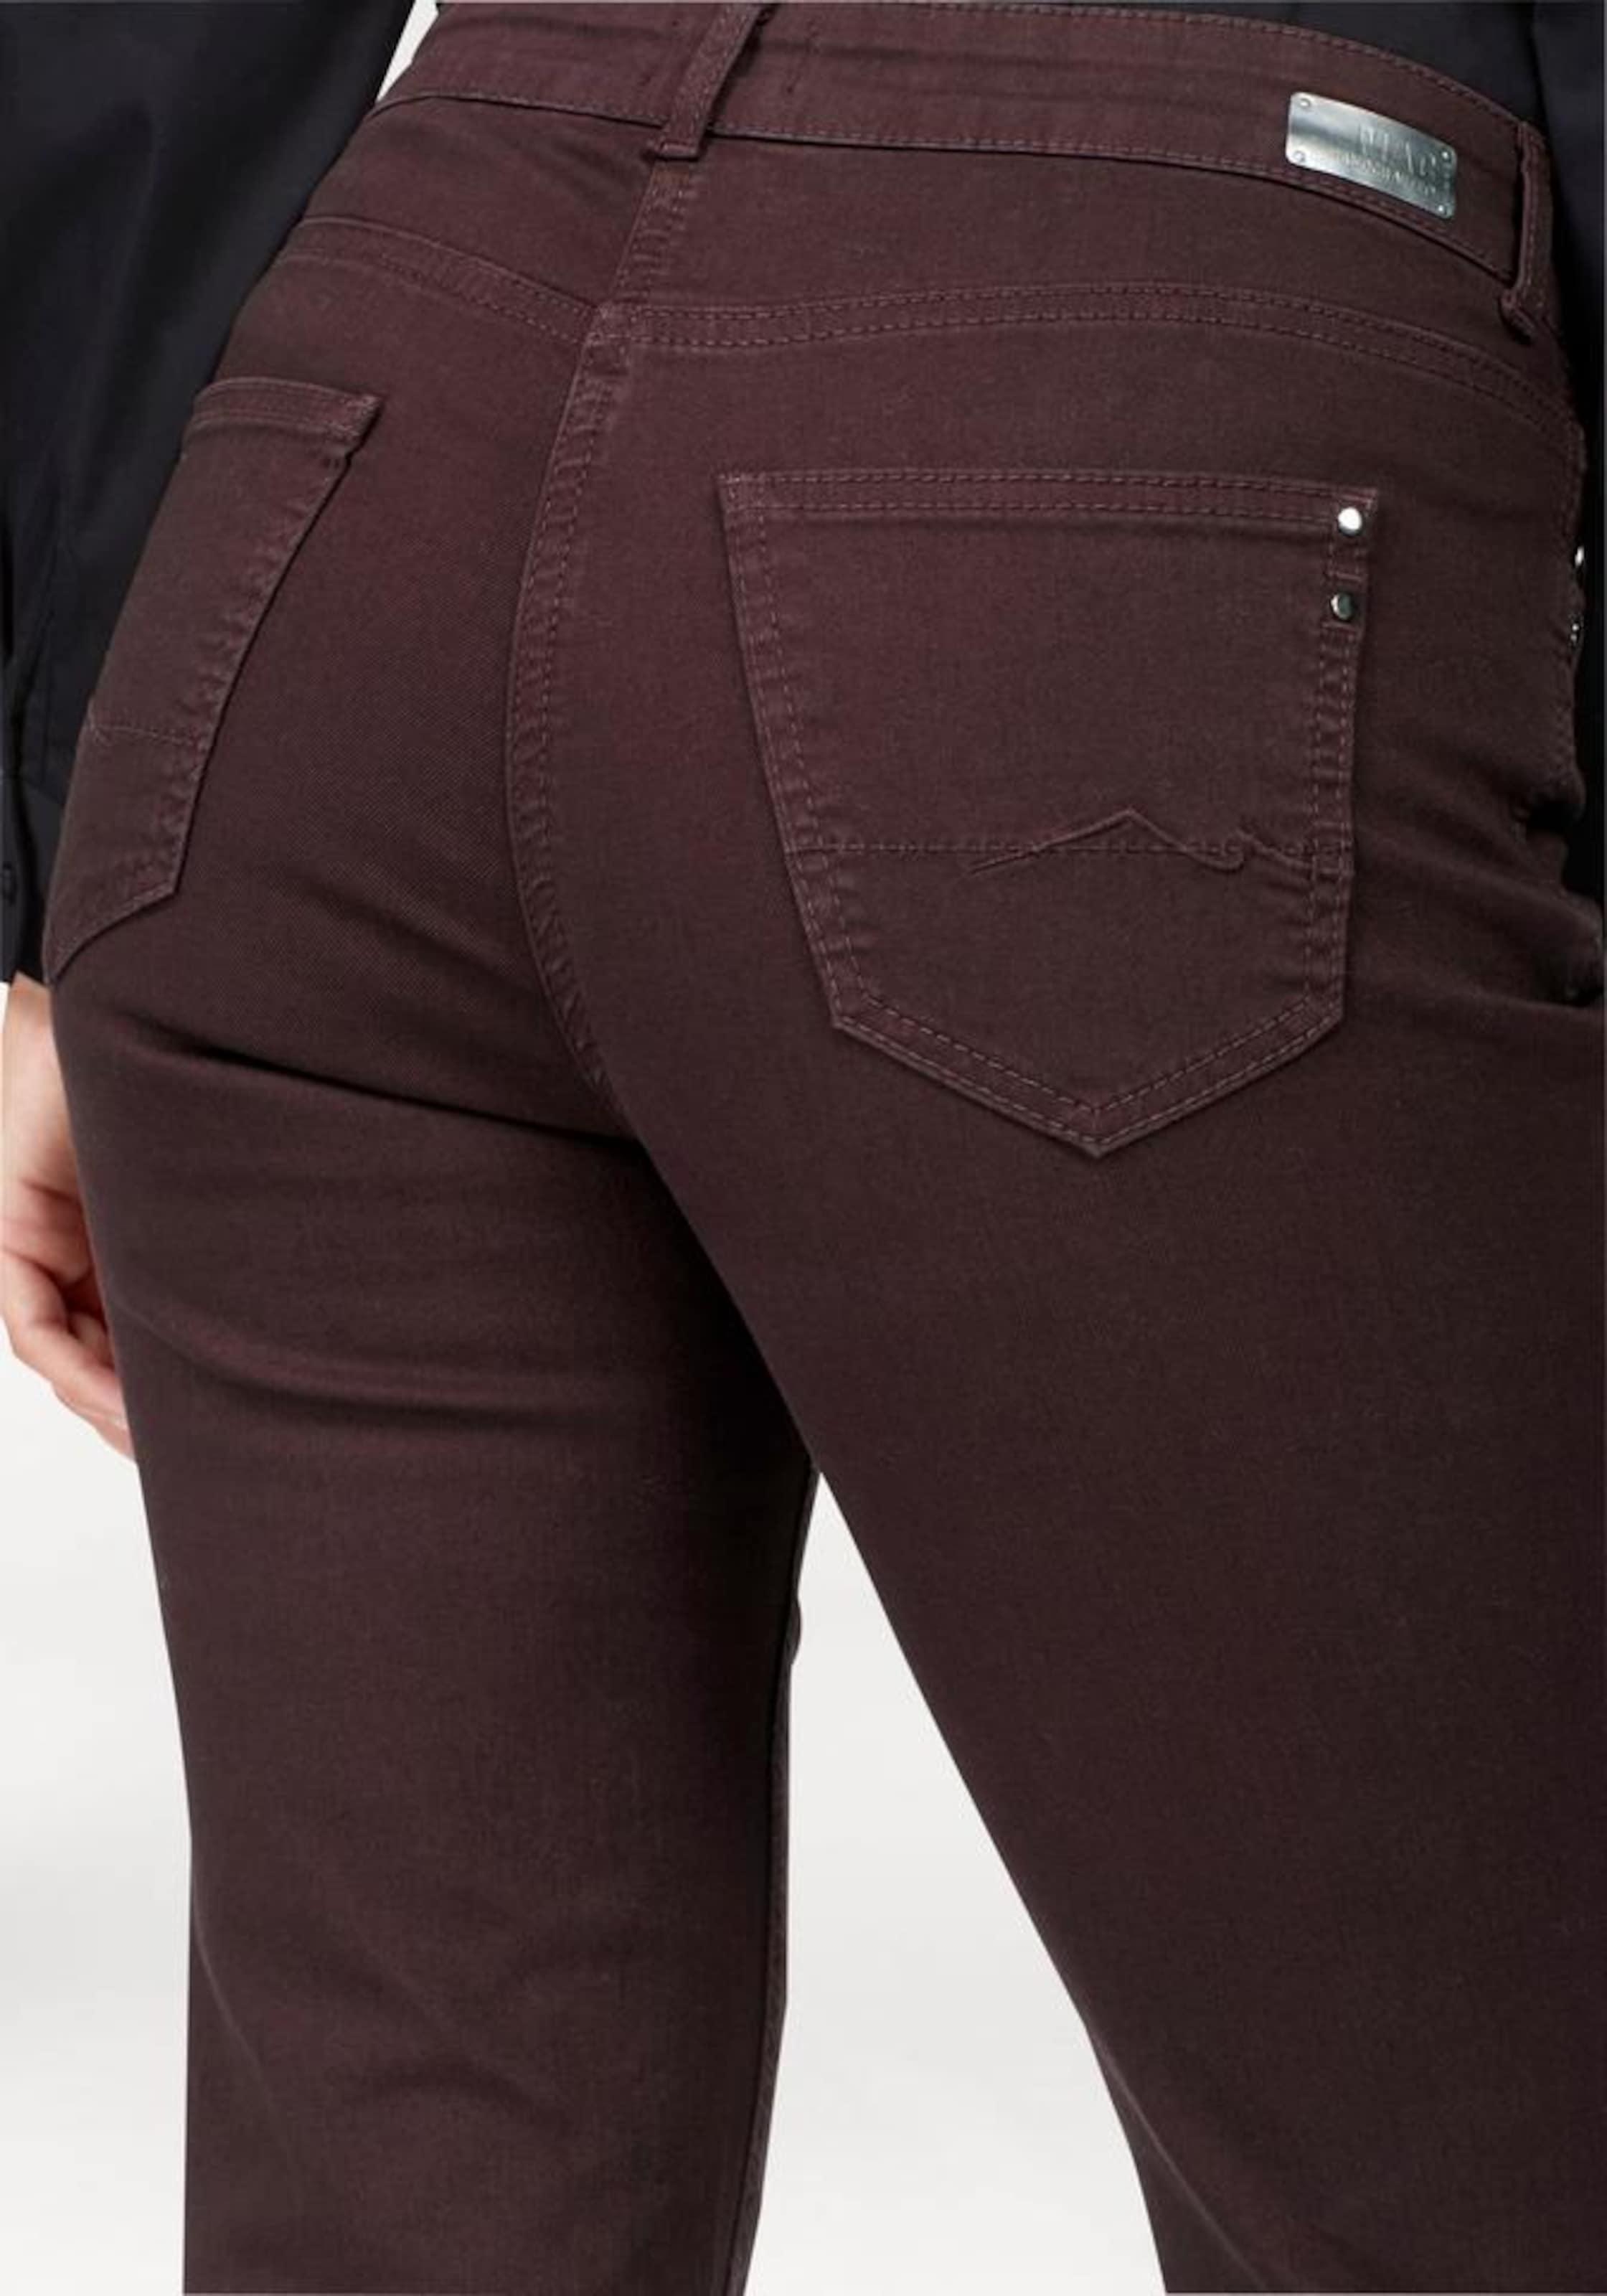 Manchester Großer Verkauf Günstig Kaufen Visum Zahlung MAC 5-Pocket-Jeans 'Angela' Billige Fälschung 2018 Unisex SjJc6KH